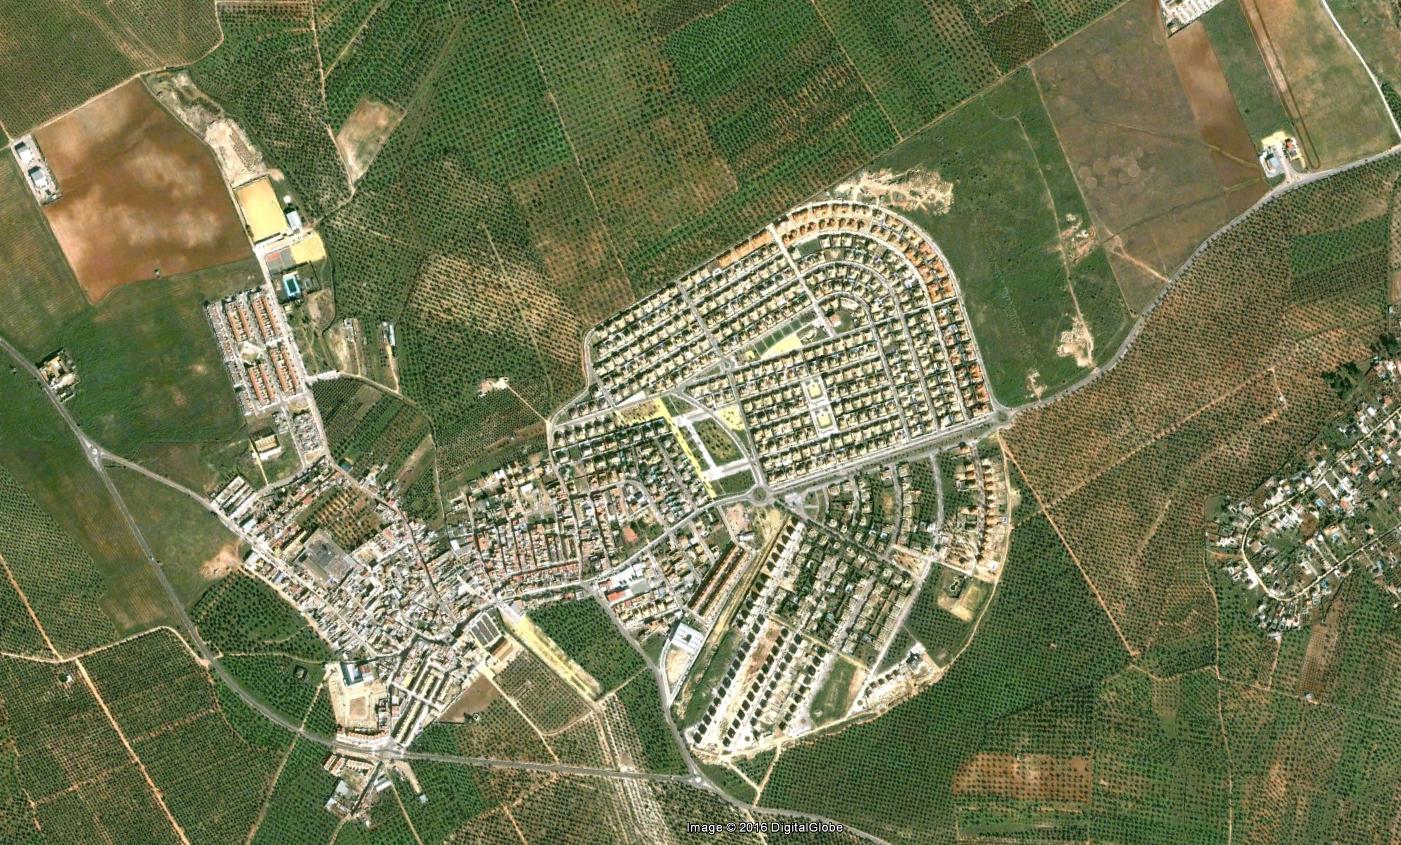 almensilla, sevilla, to the hombres, antes, urbanismo, planeamiento, urbano, desastre, urbanístico, construcción